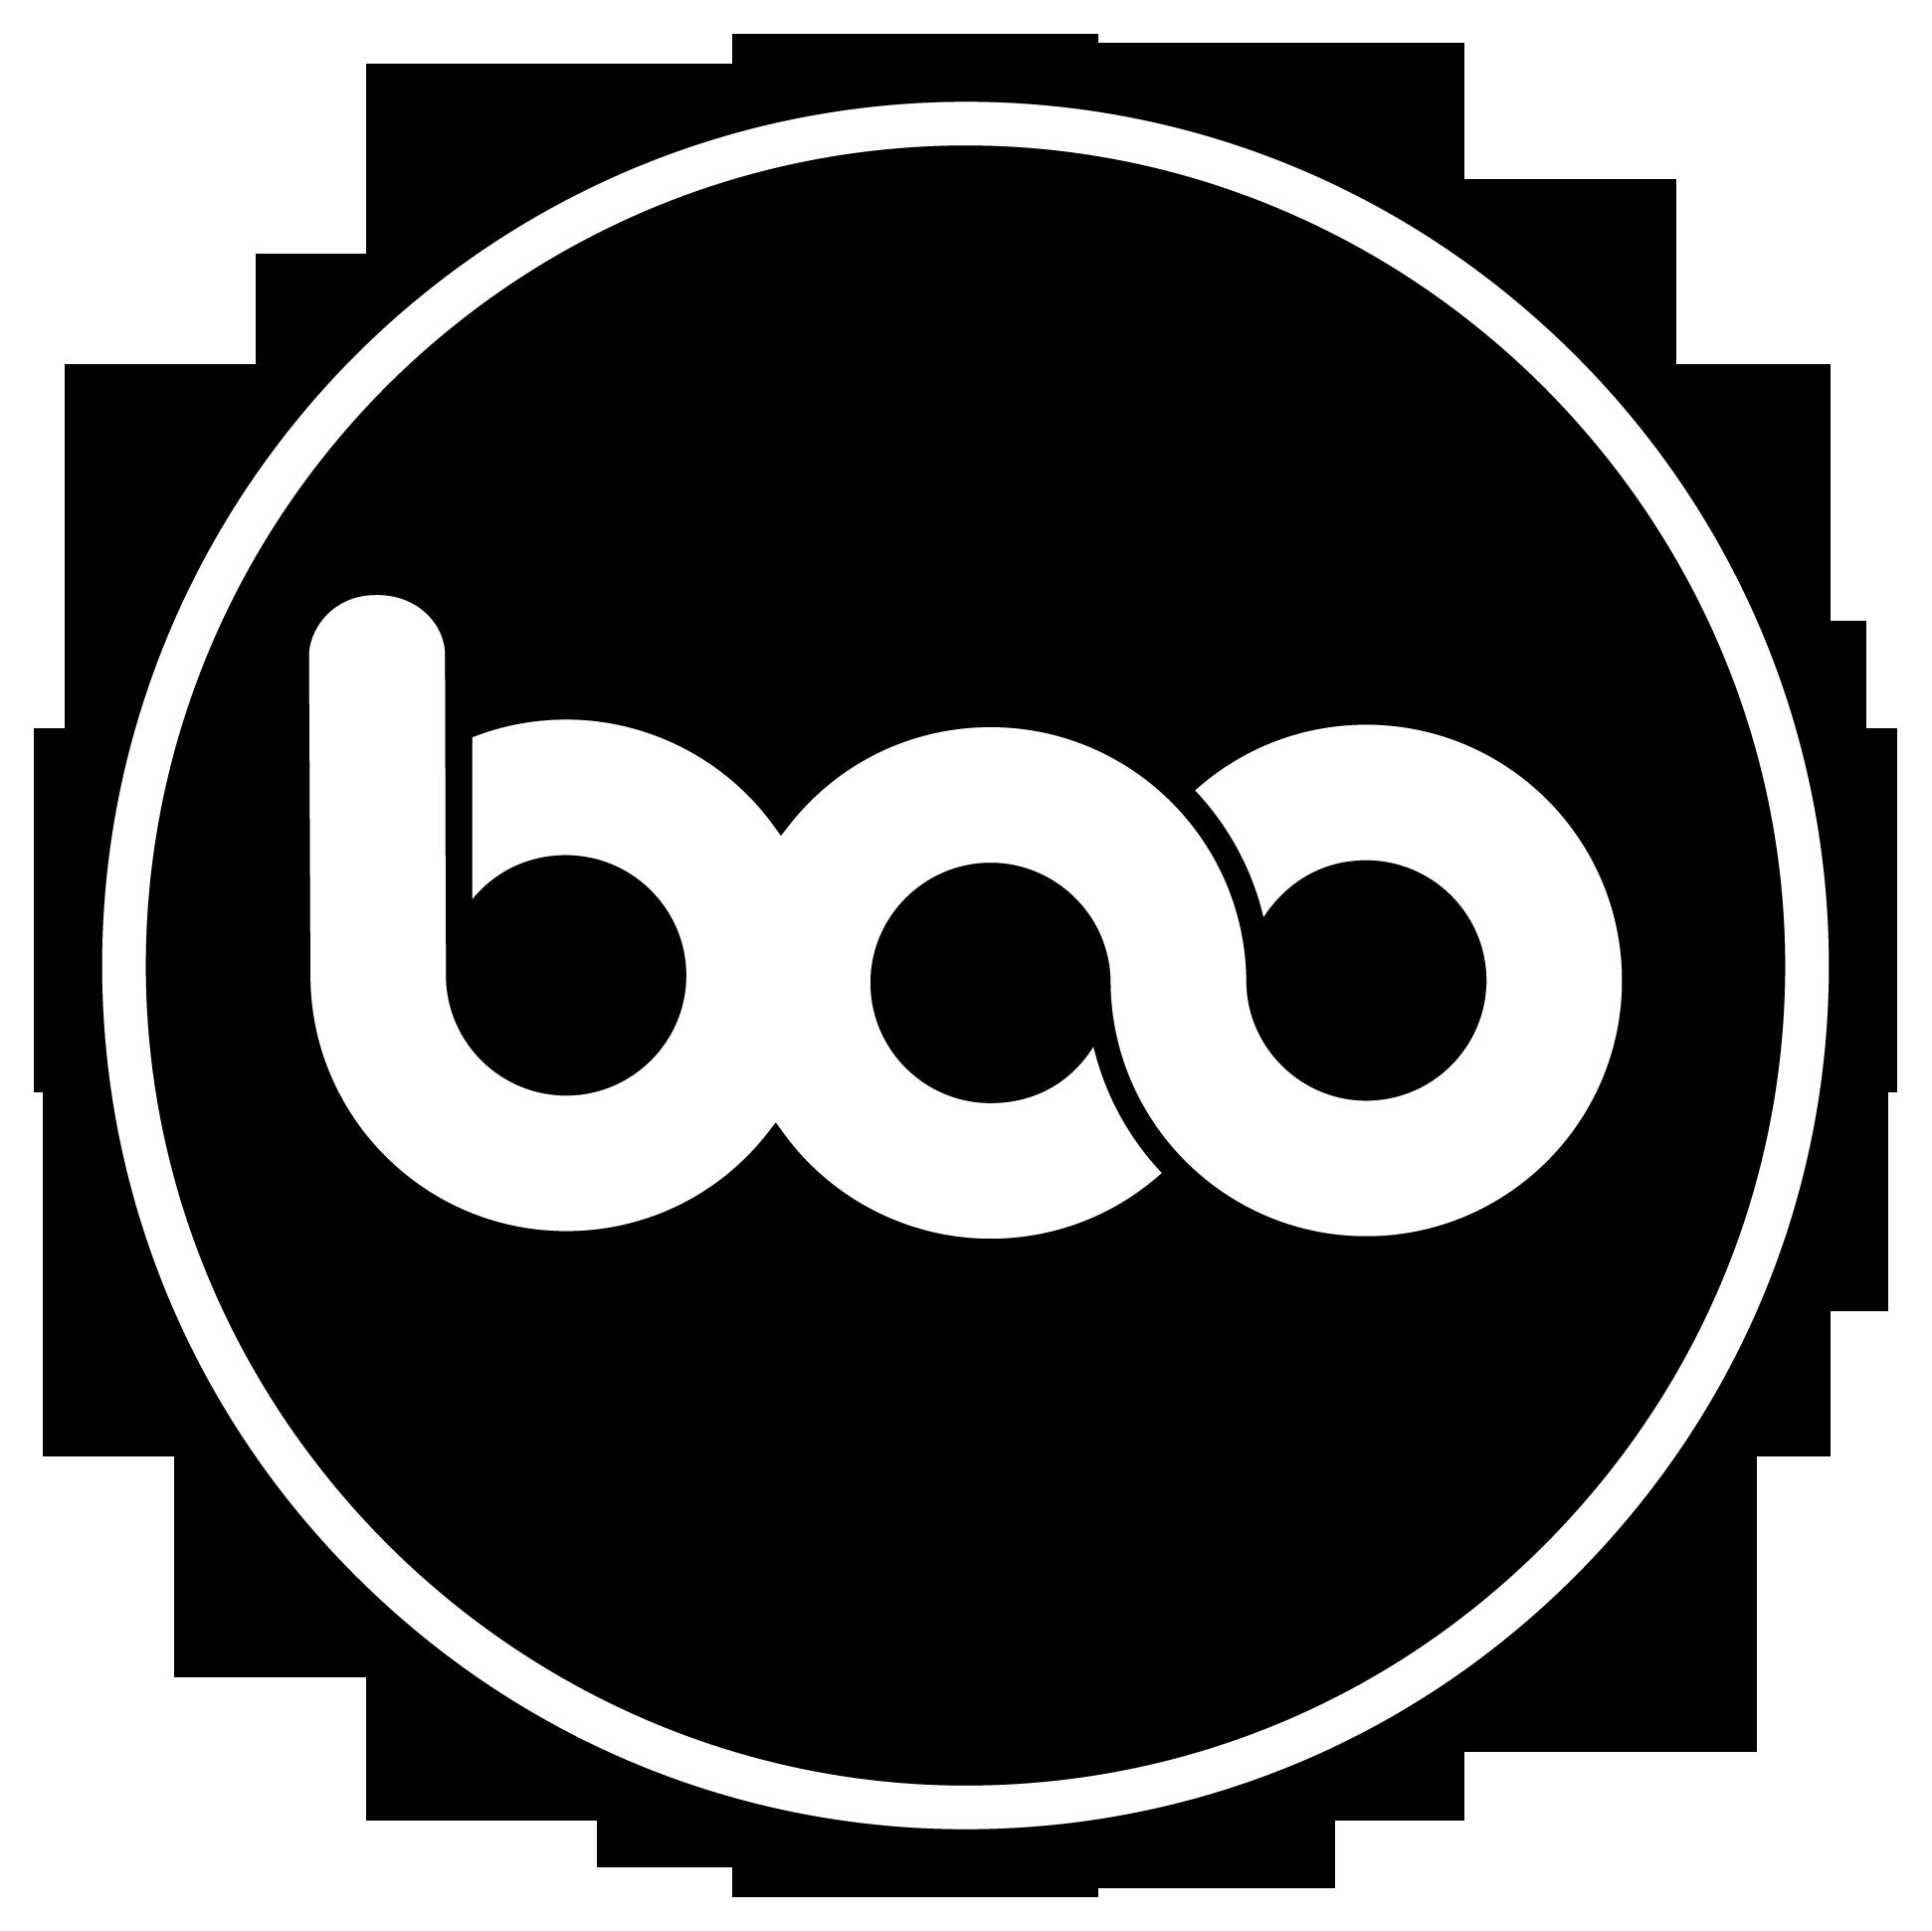 Restaurante Boo